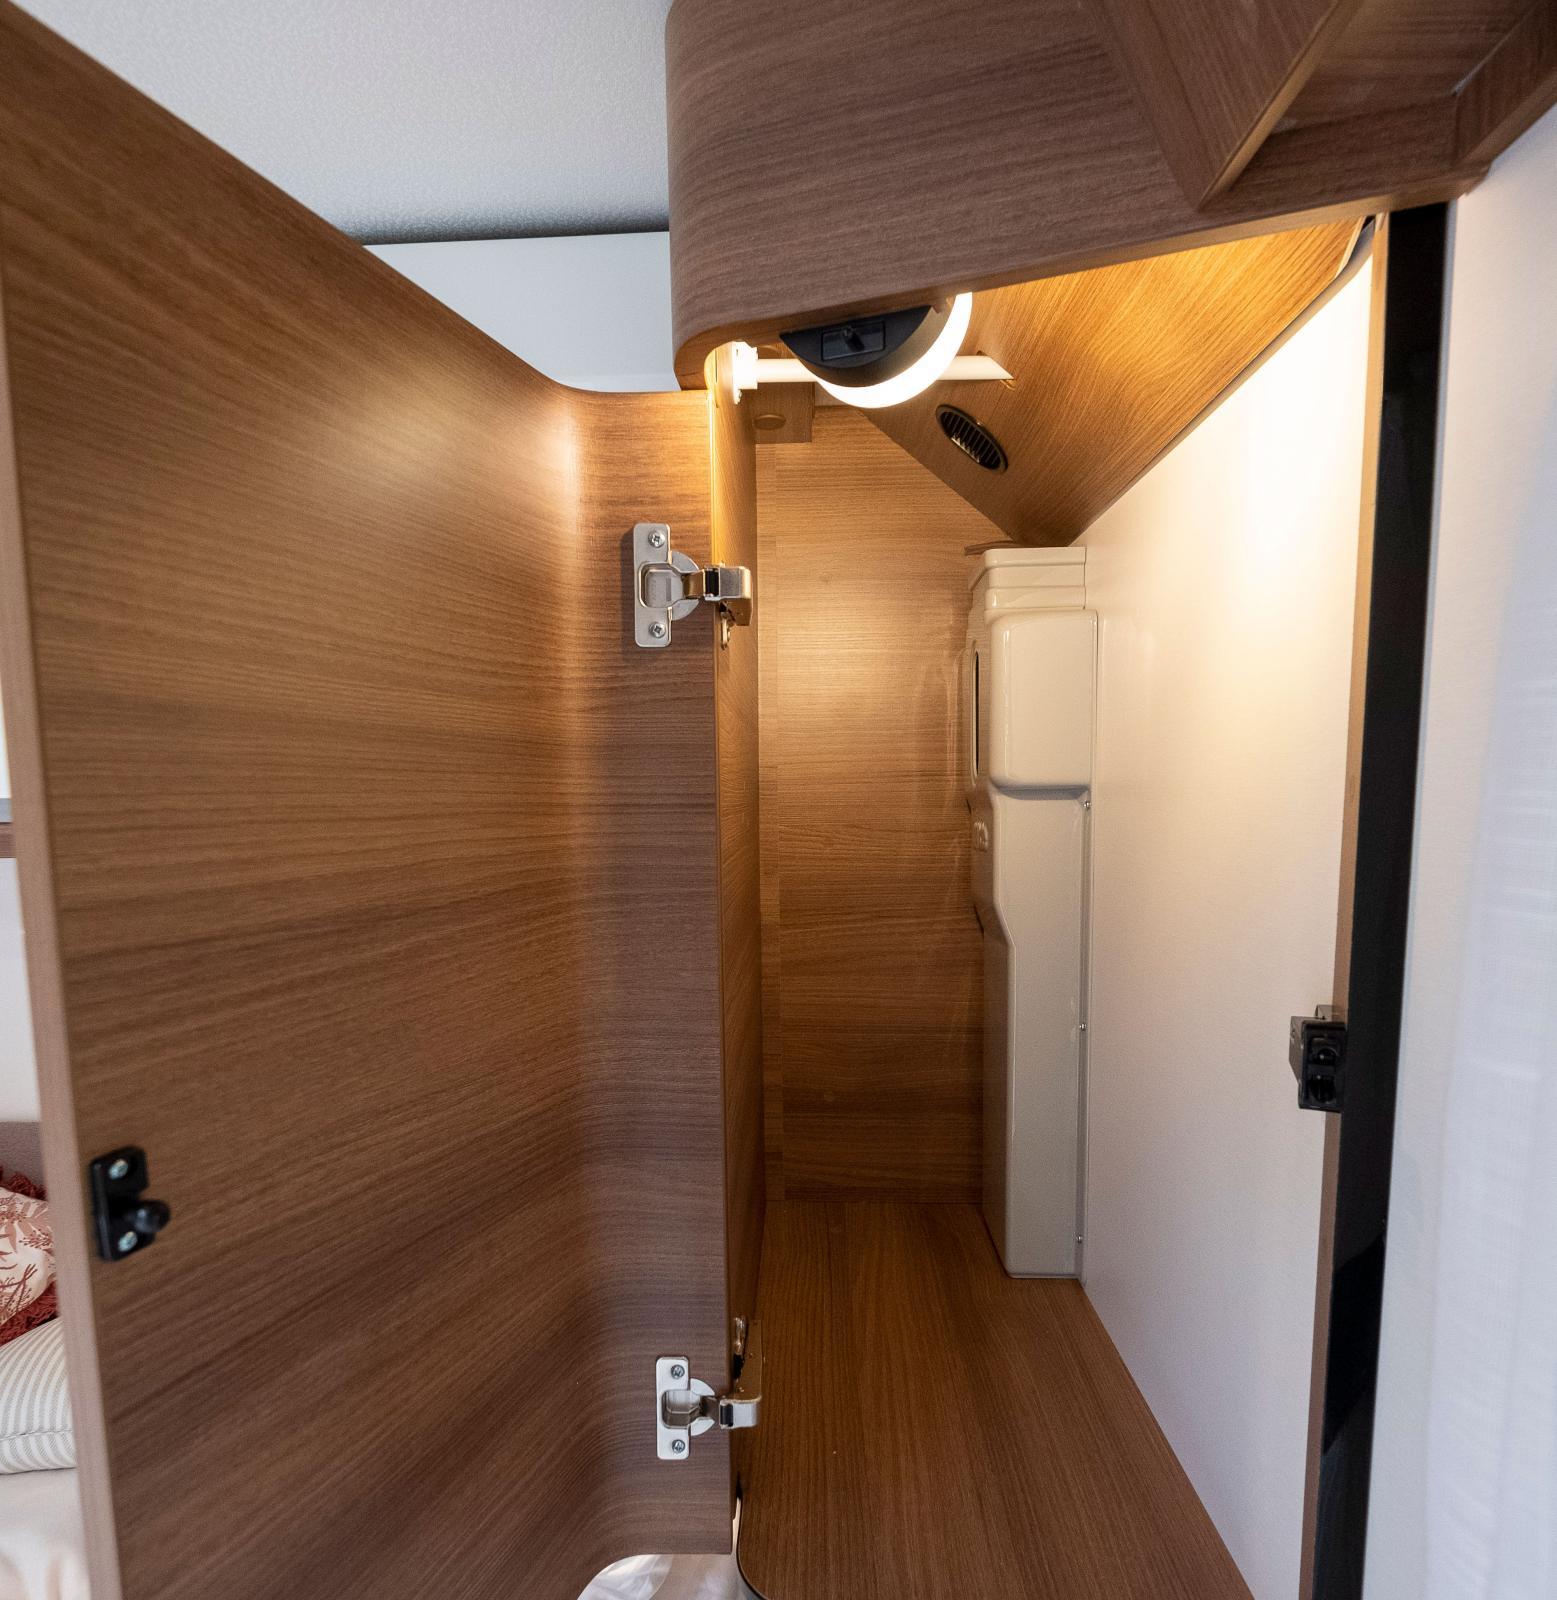 Små belysta garderober finns på var sida av sängen.